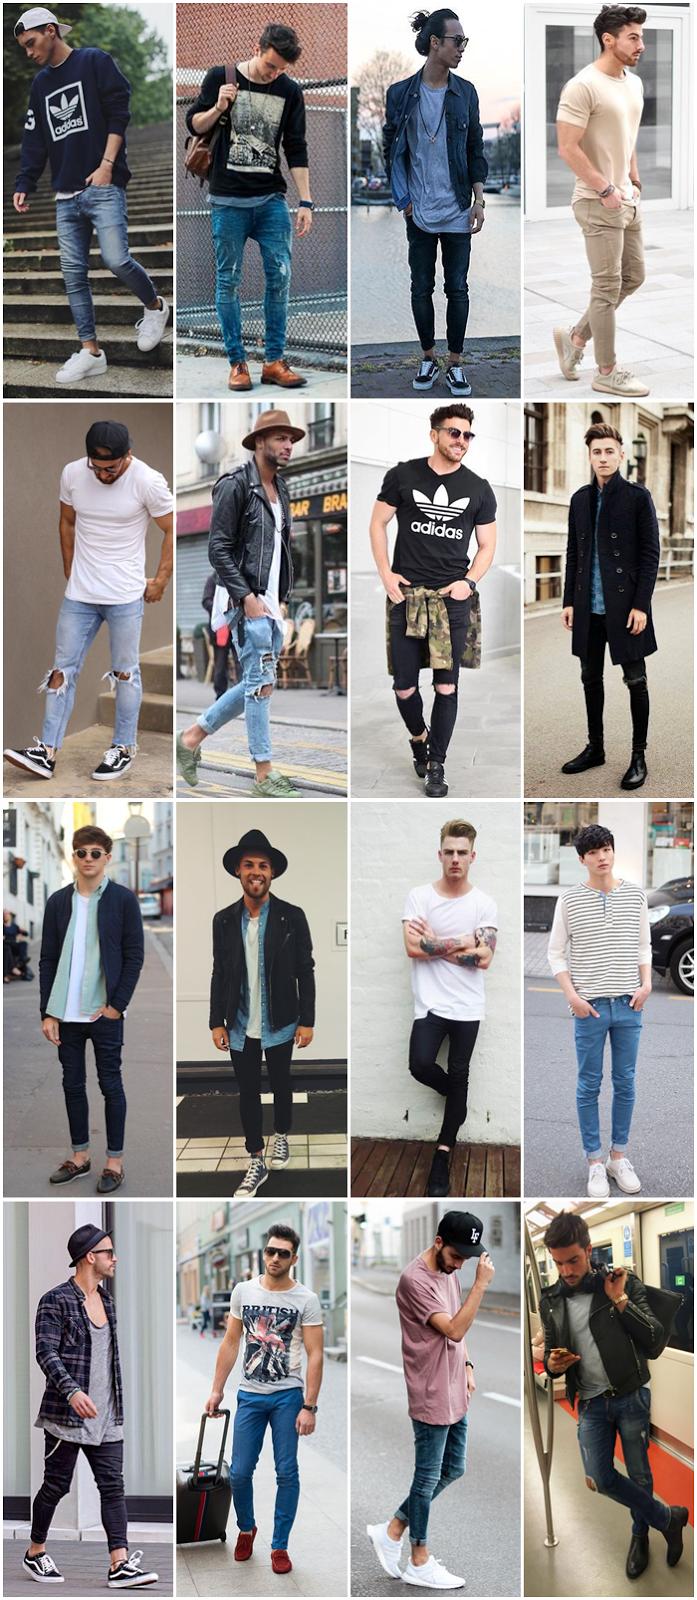 c504e0bb7 Para quem acha que a calça skinny não se encontra nos modelos sociais está  muito enganado. As roupas sociais tendem a ter a medida sempre correta